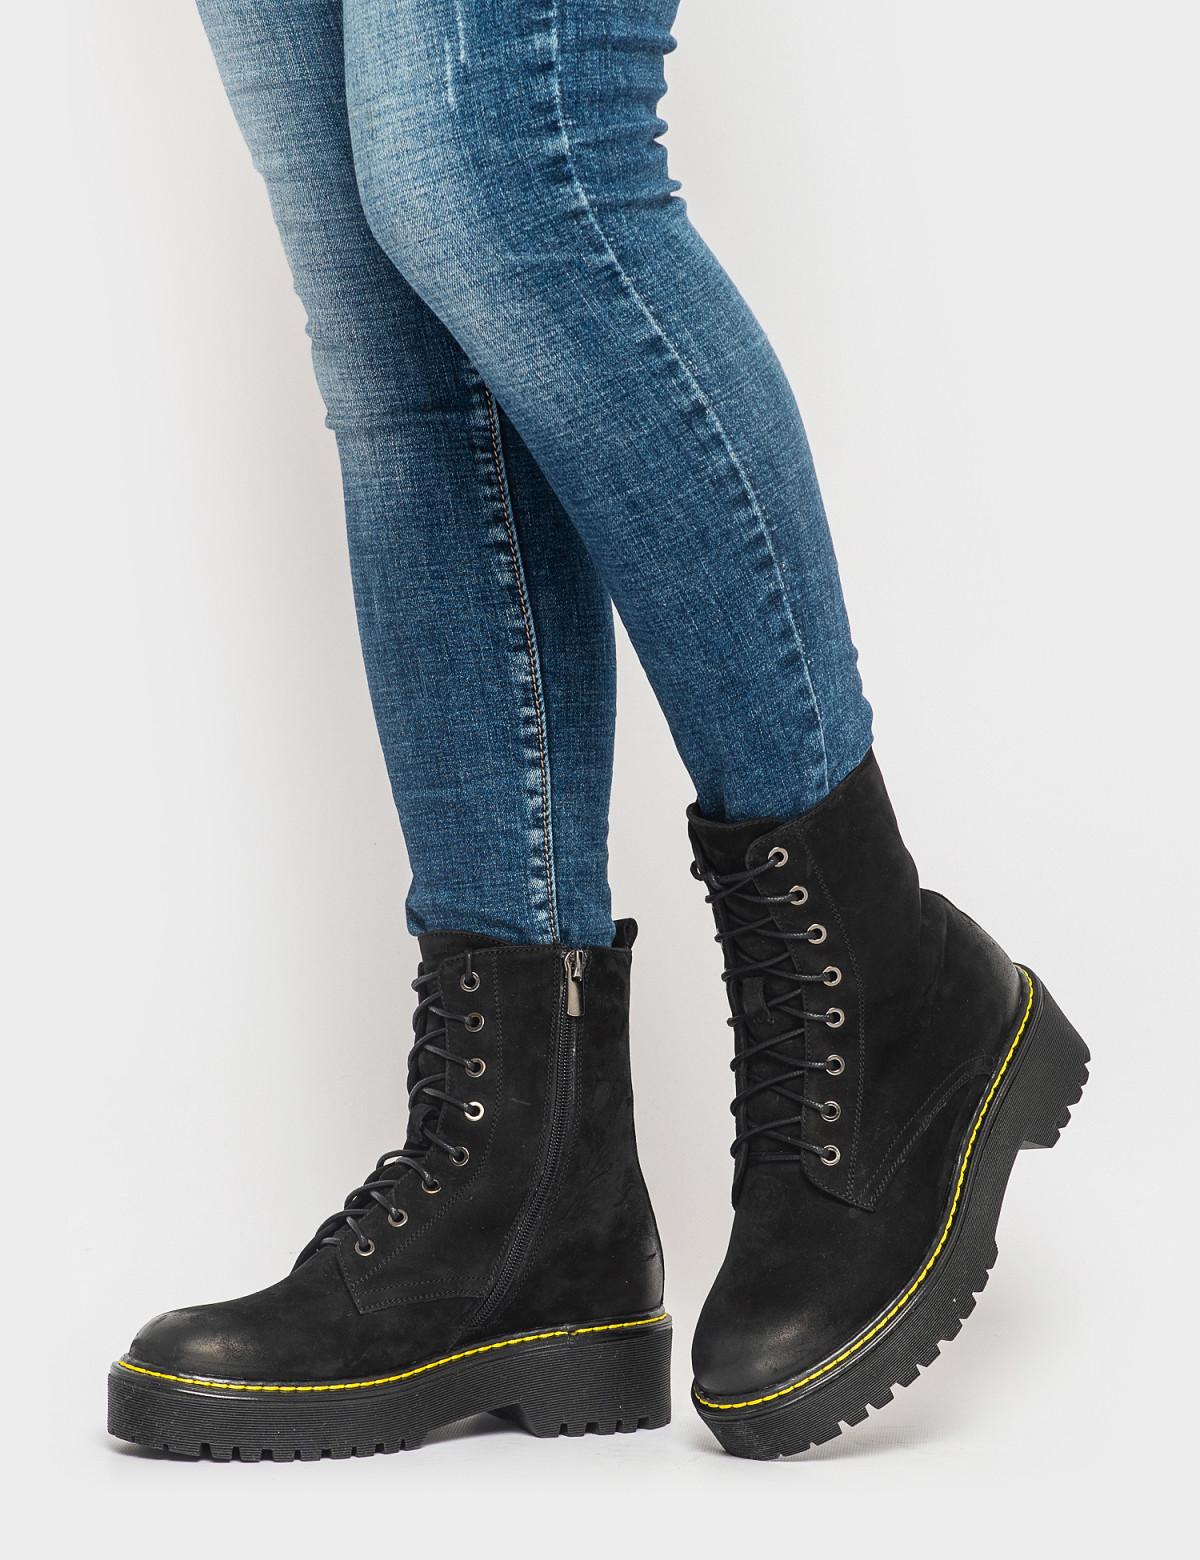 Ботинки черные. Натуральный нубук. Шерсть 4